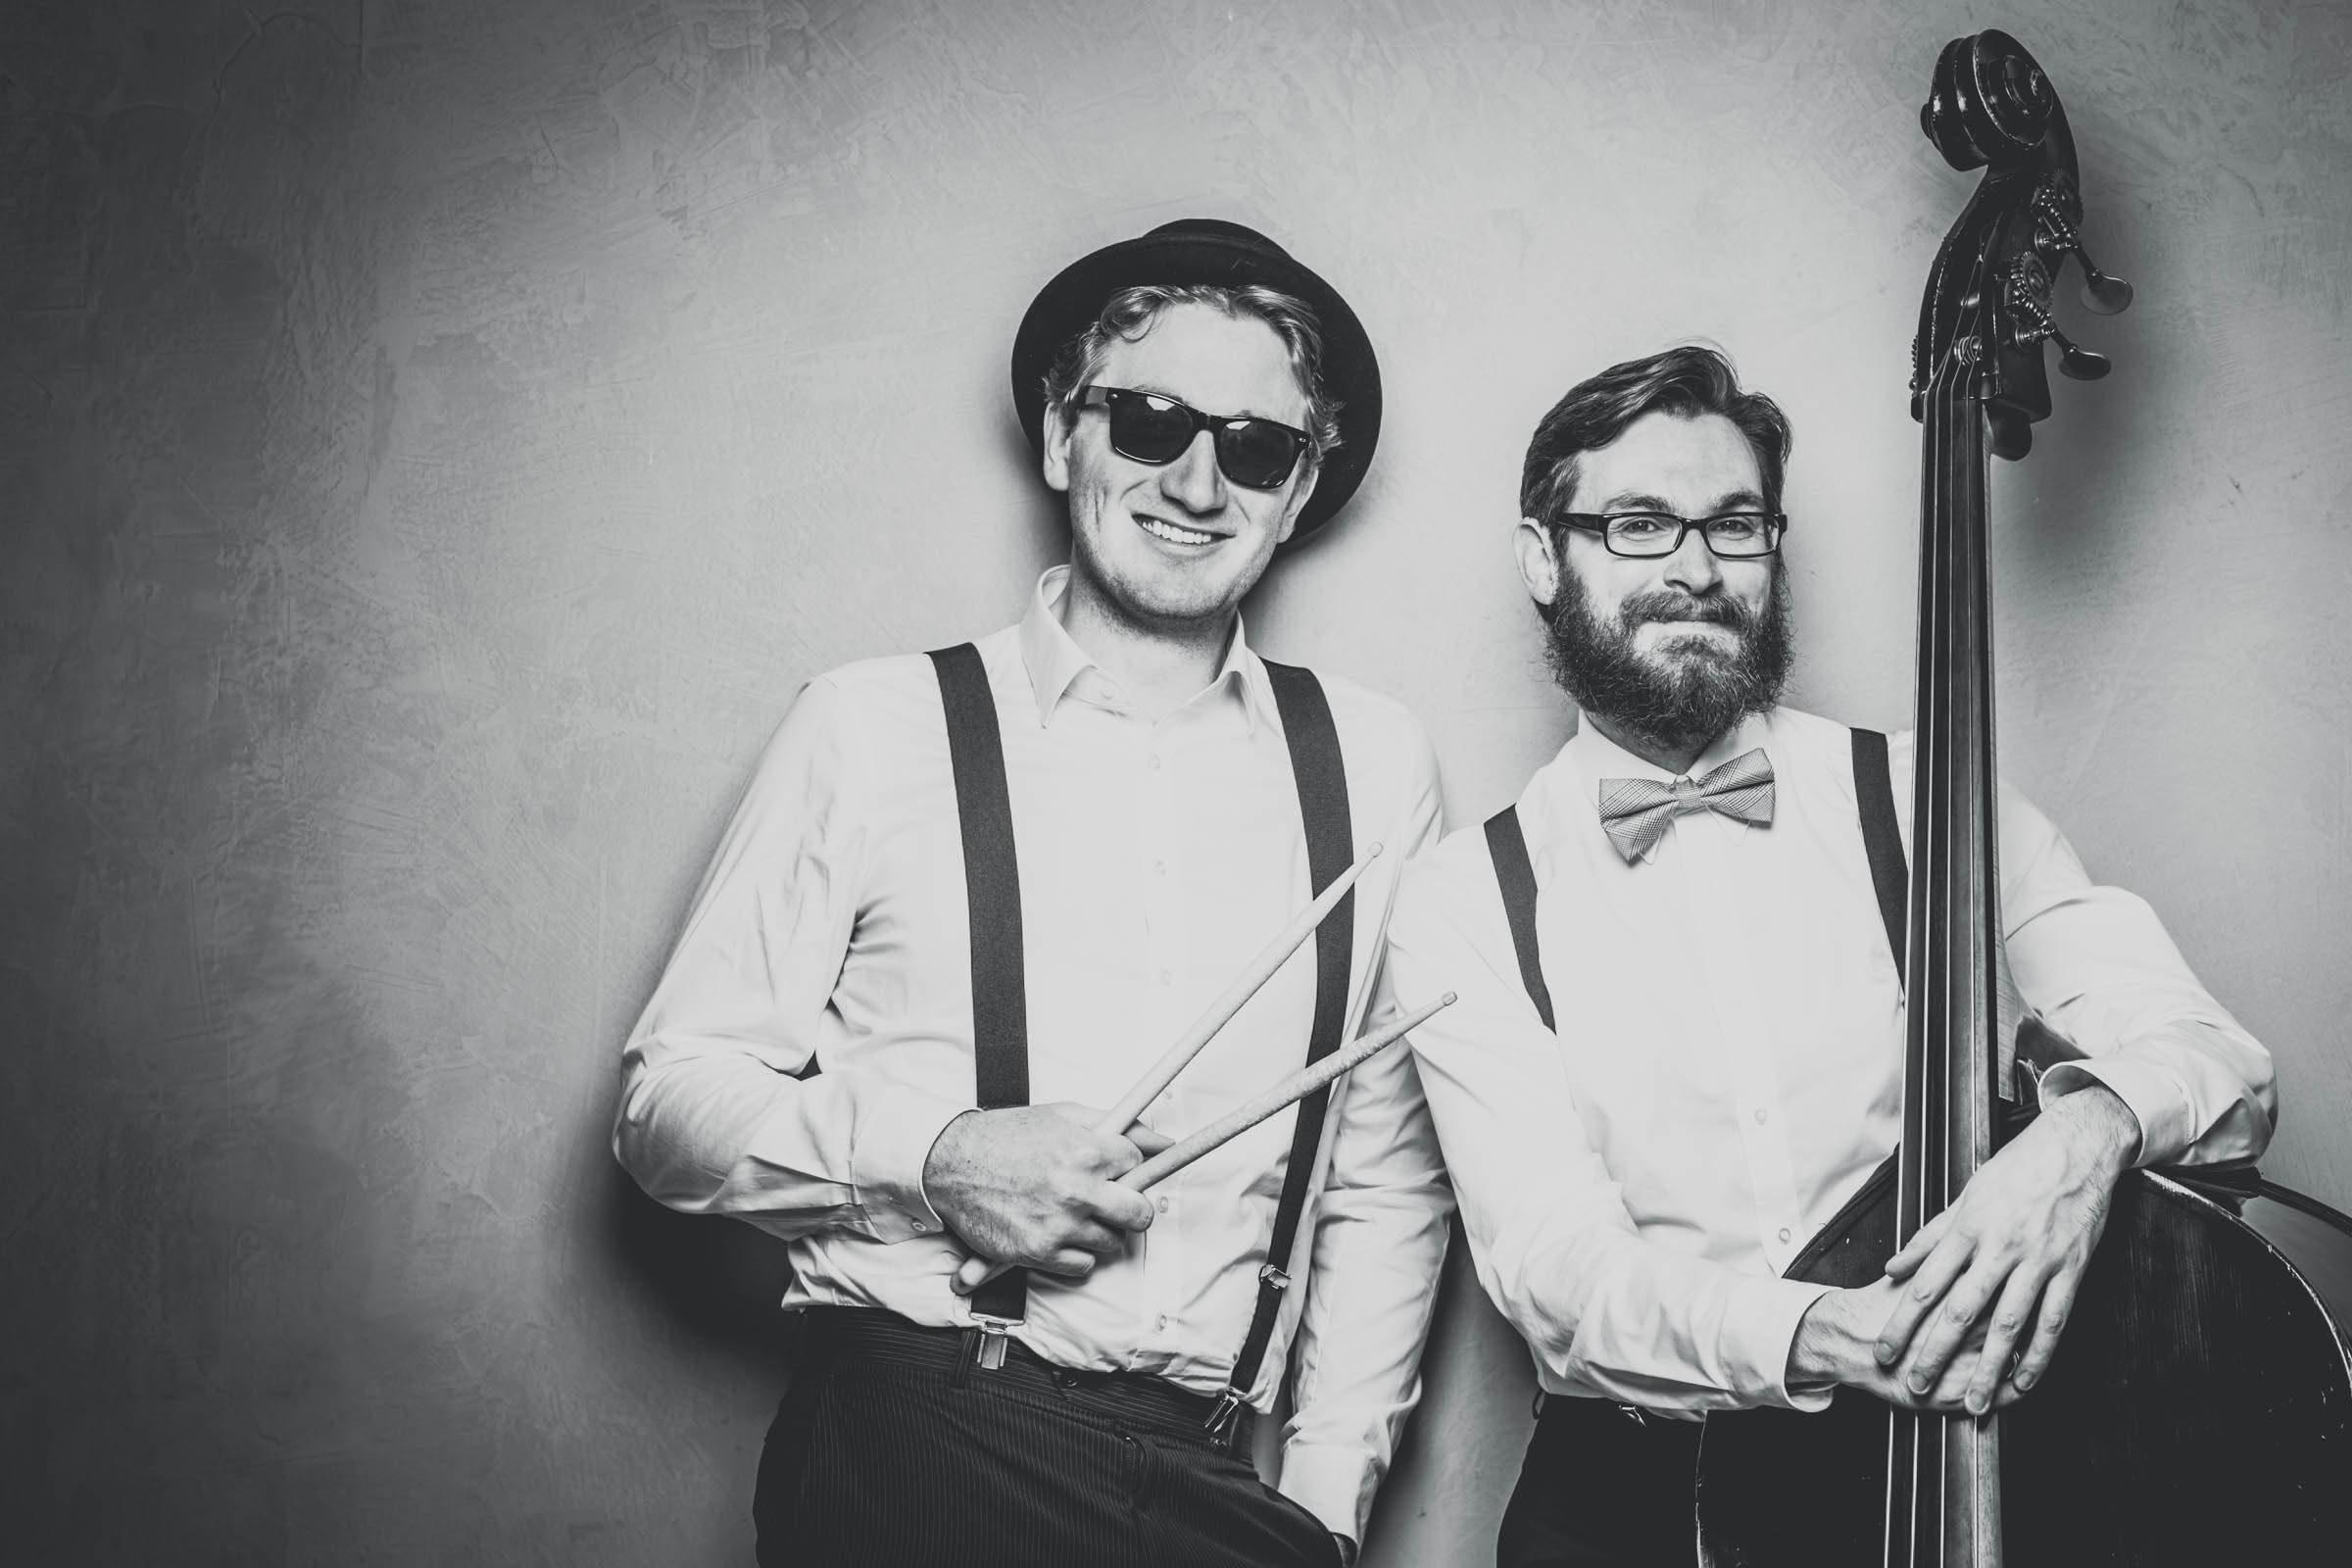 Band | Hochzeit | Hannover | Empfang | Sektempfang | Livemusik | Partyband | Loungeband | Dinnerband | Jazz | Swing | Pop | Lounge | Hochzeitsband | Messe | Firmenfeier | Buchen | Mieten | Anfragen | Lehmann | Eventservice